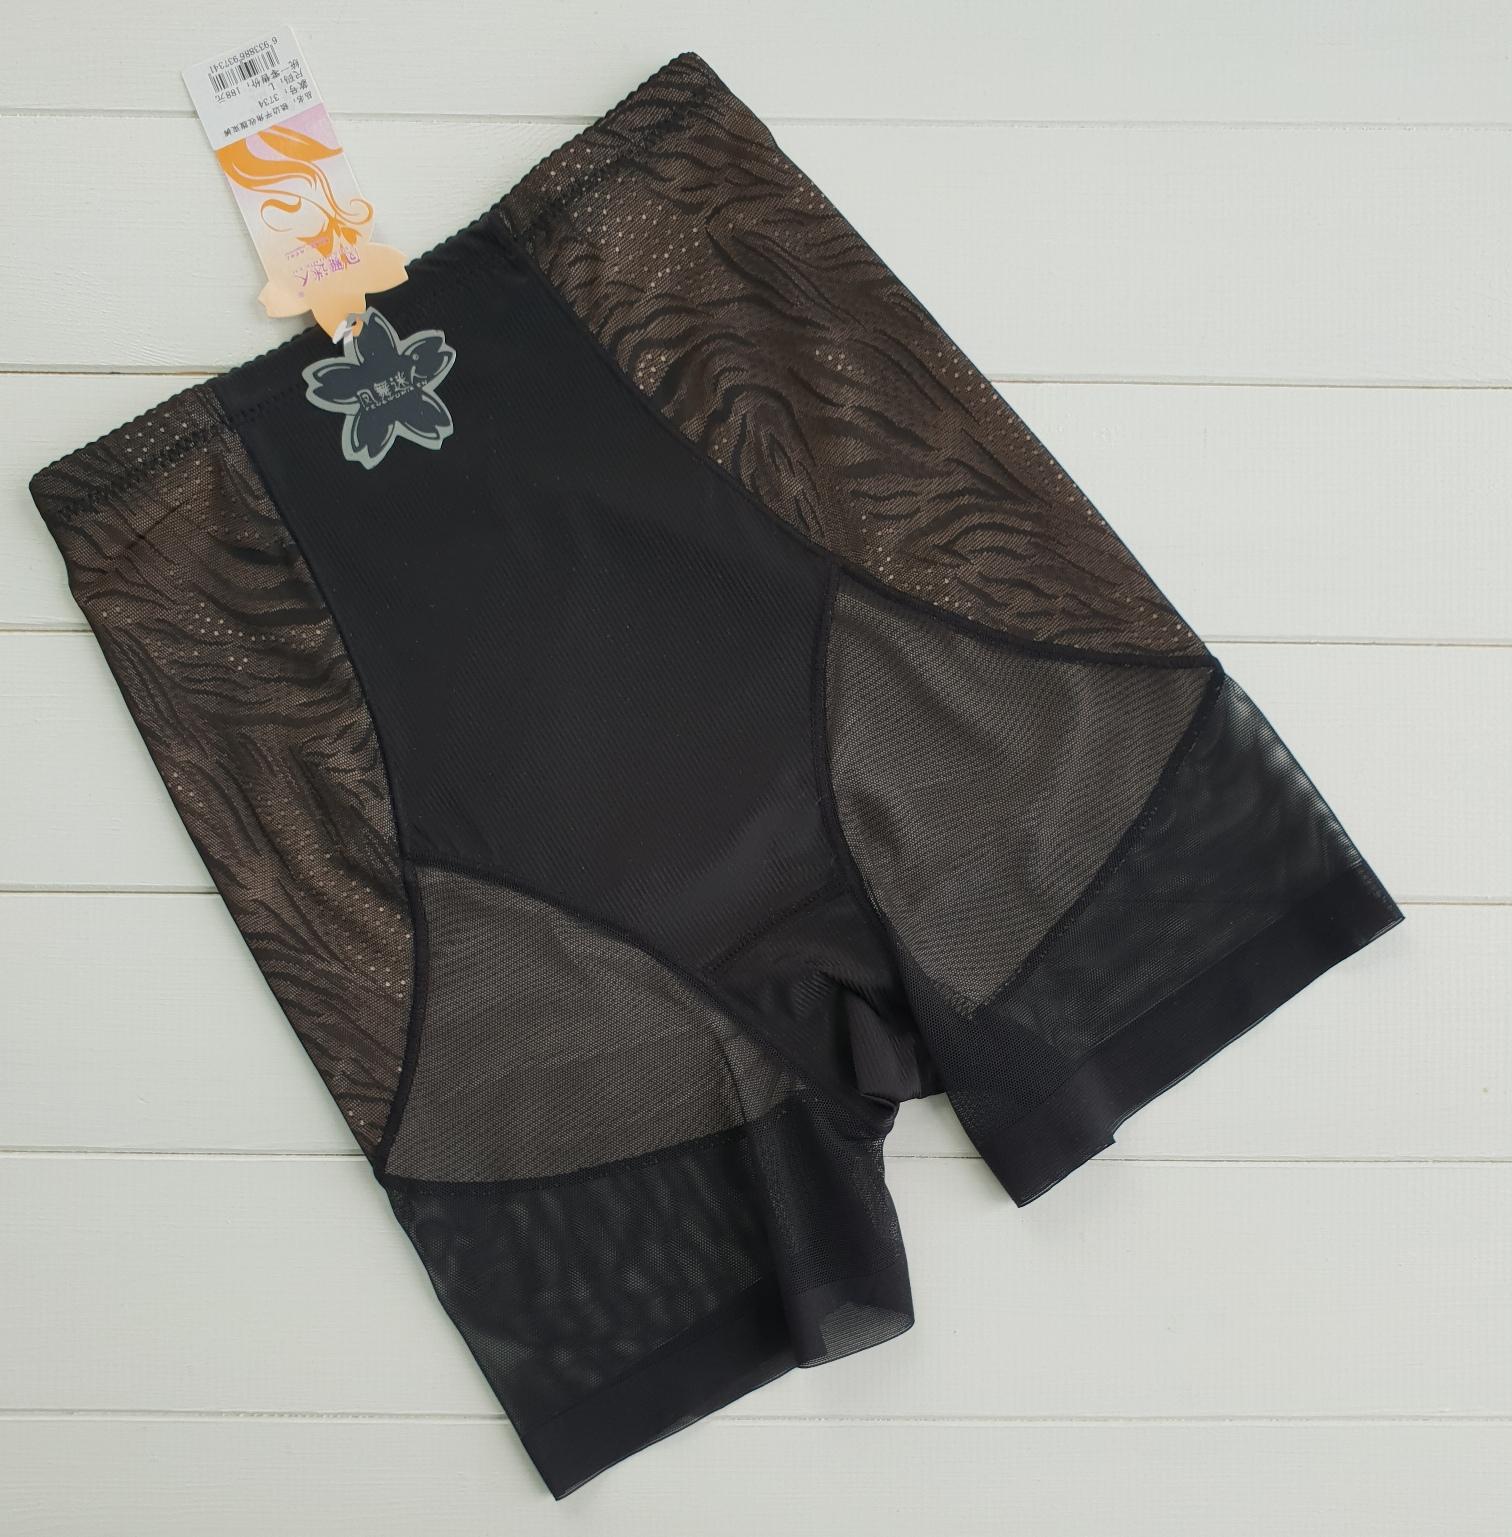 Купить женское нижнее белье, купальник или пижаму